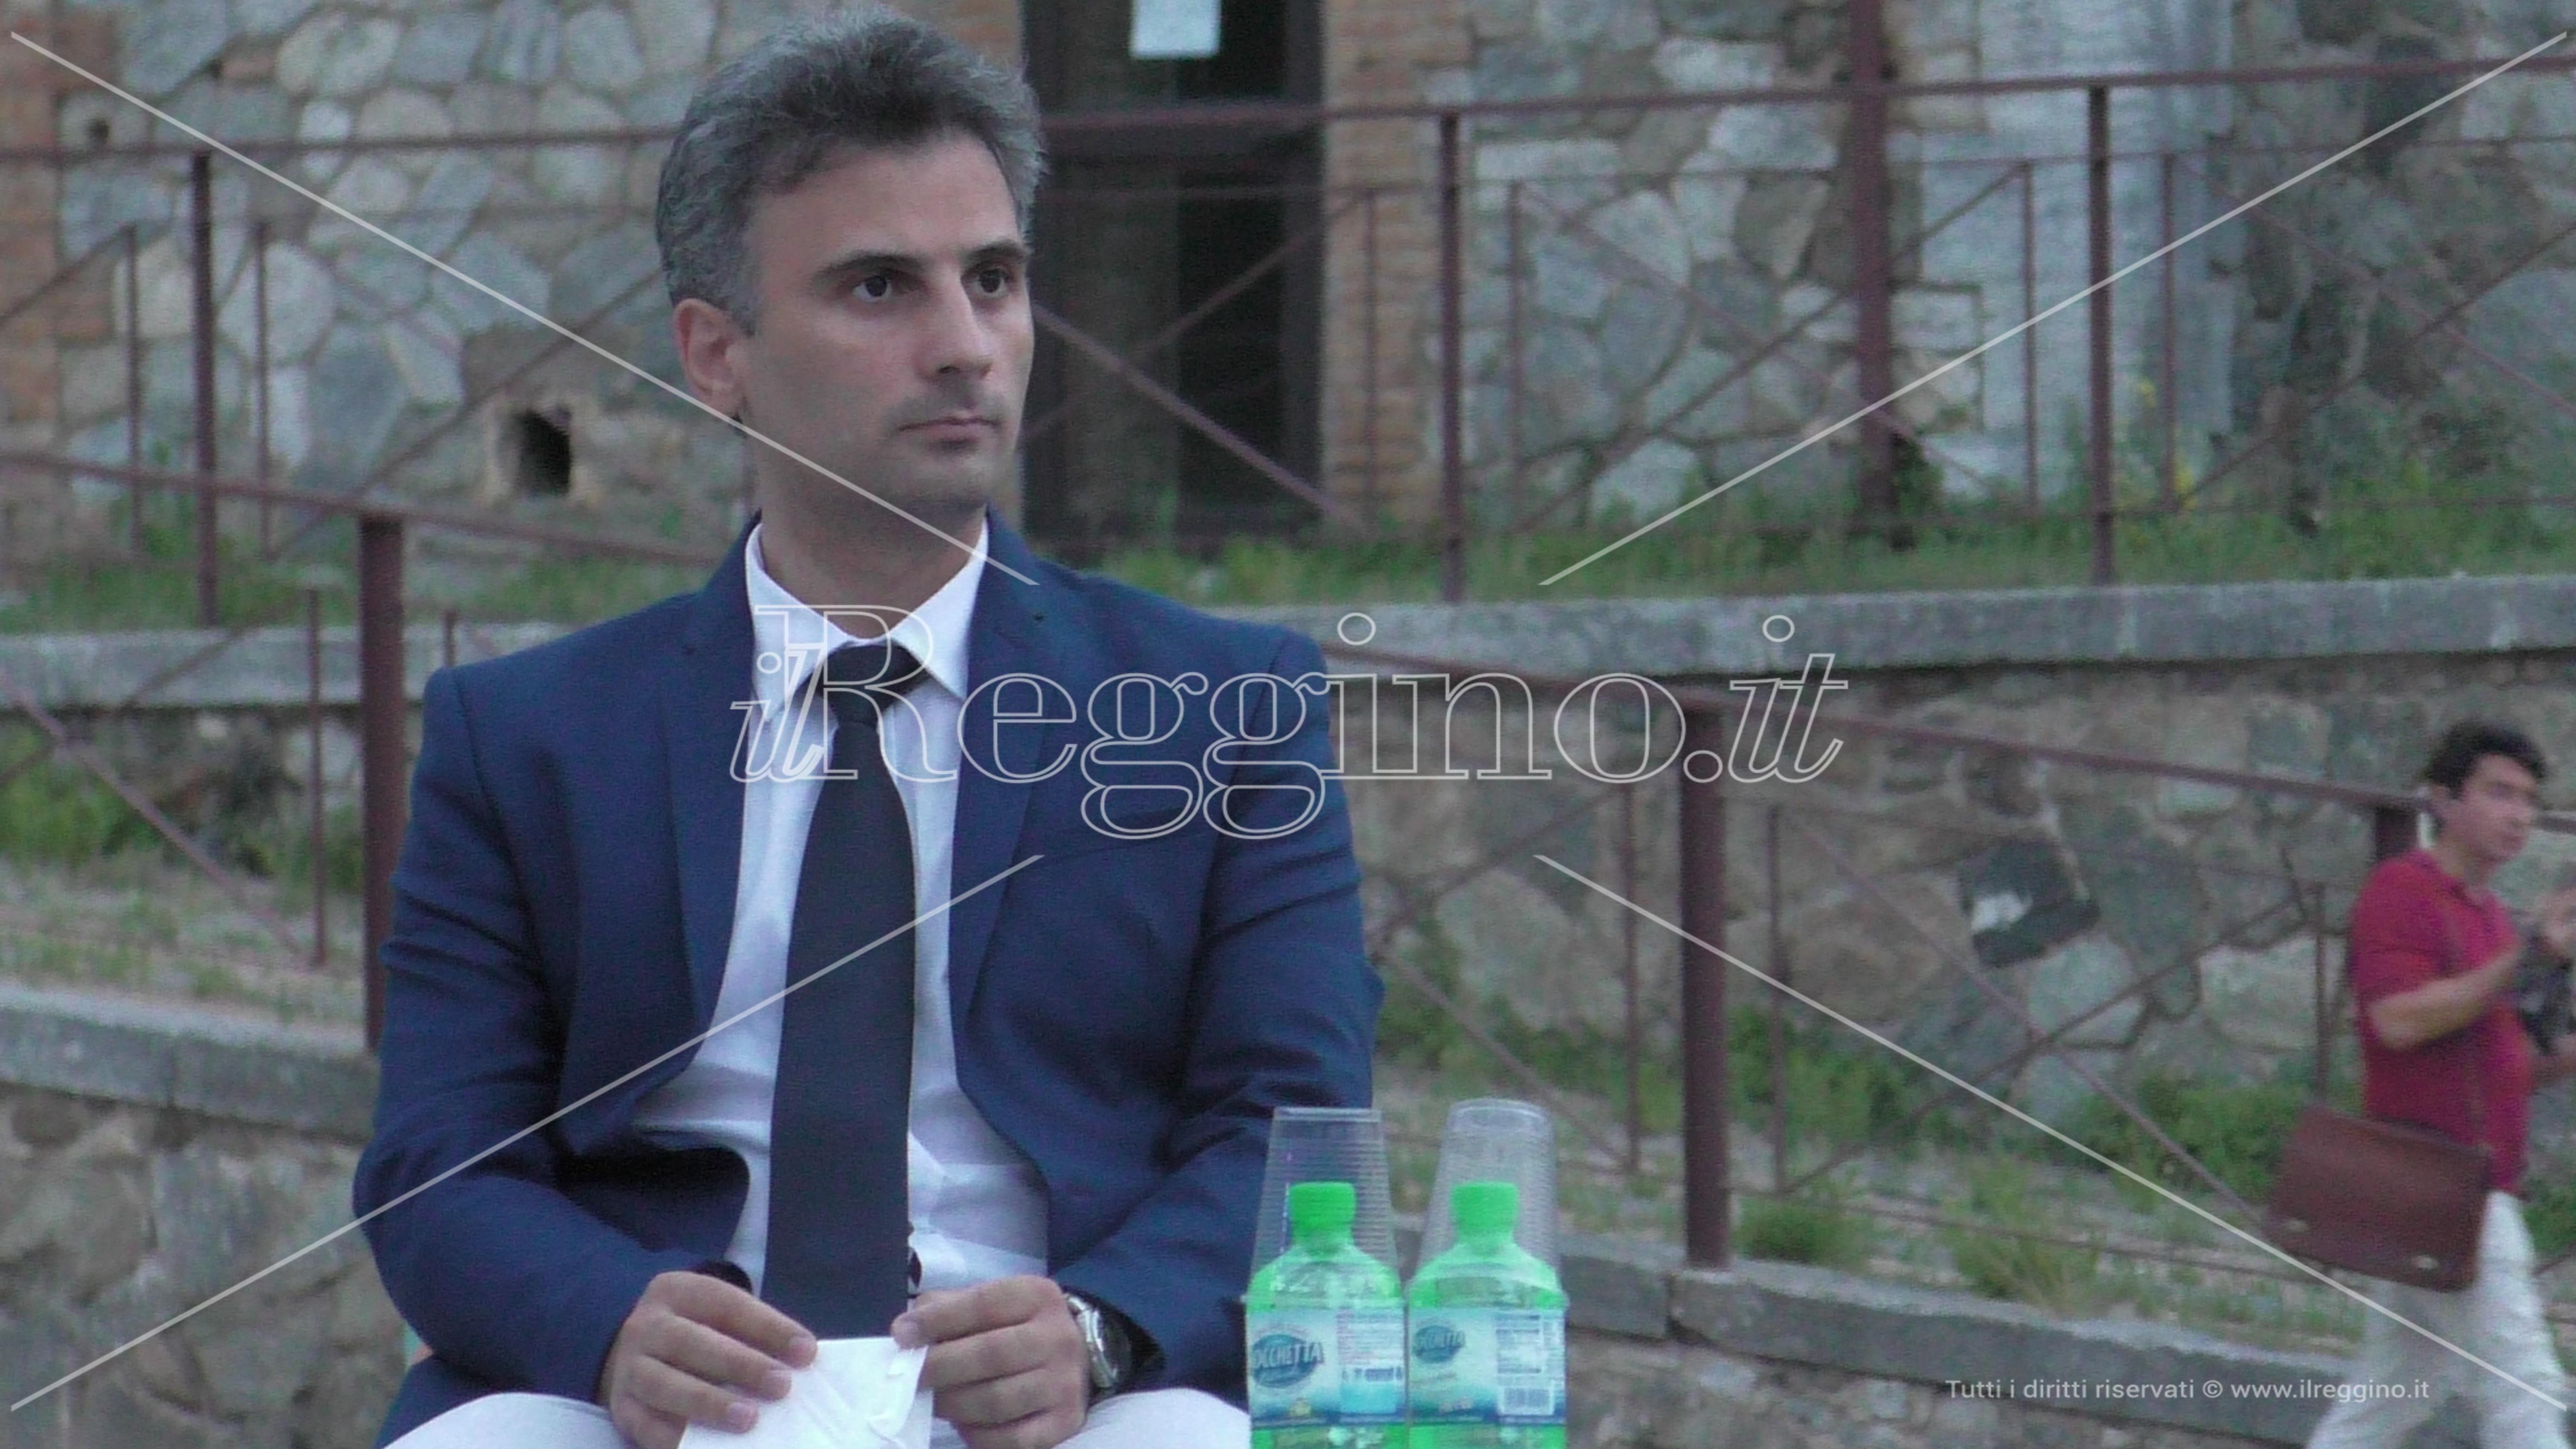 Elezioni Regio Calabria, Miti Unione del Sud presenterà domani il progetto di sviluppo del territorio